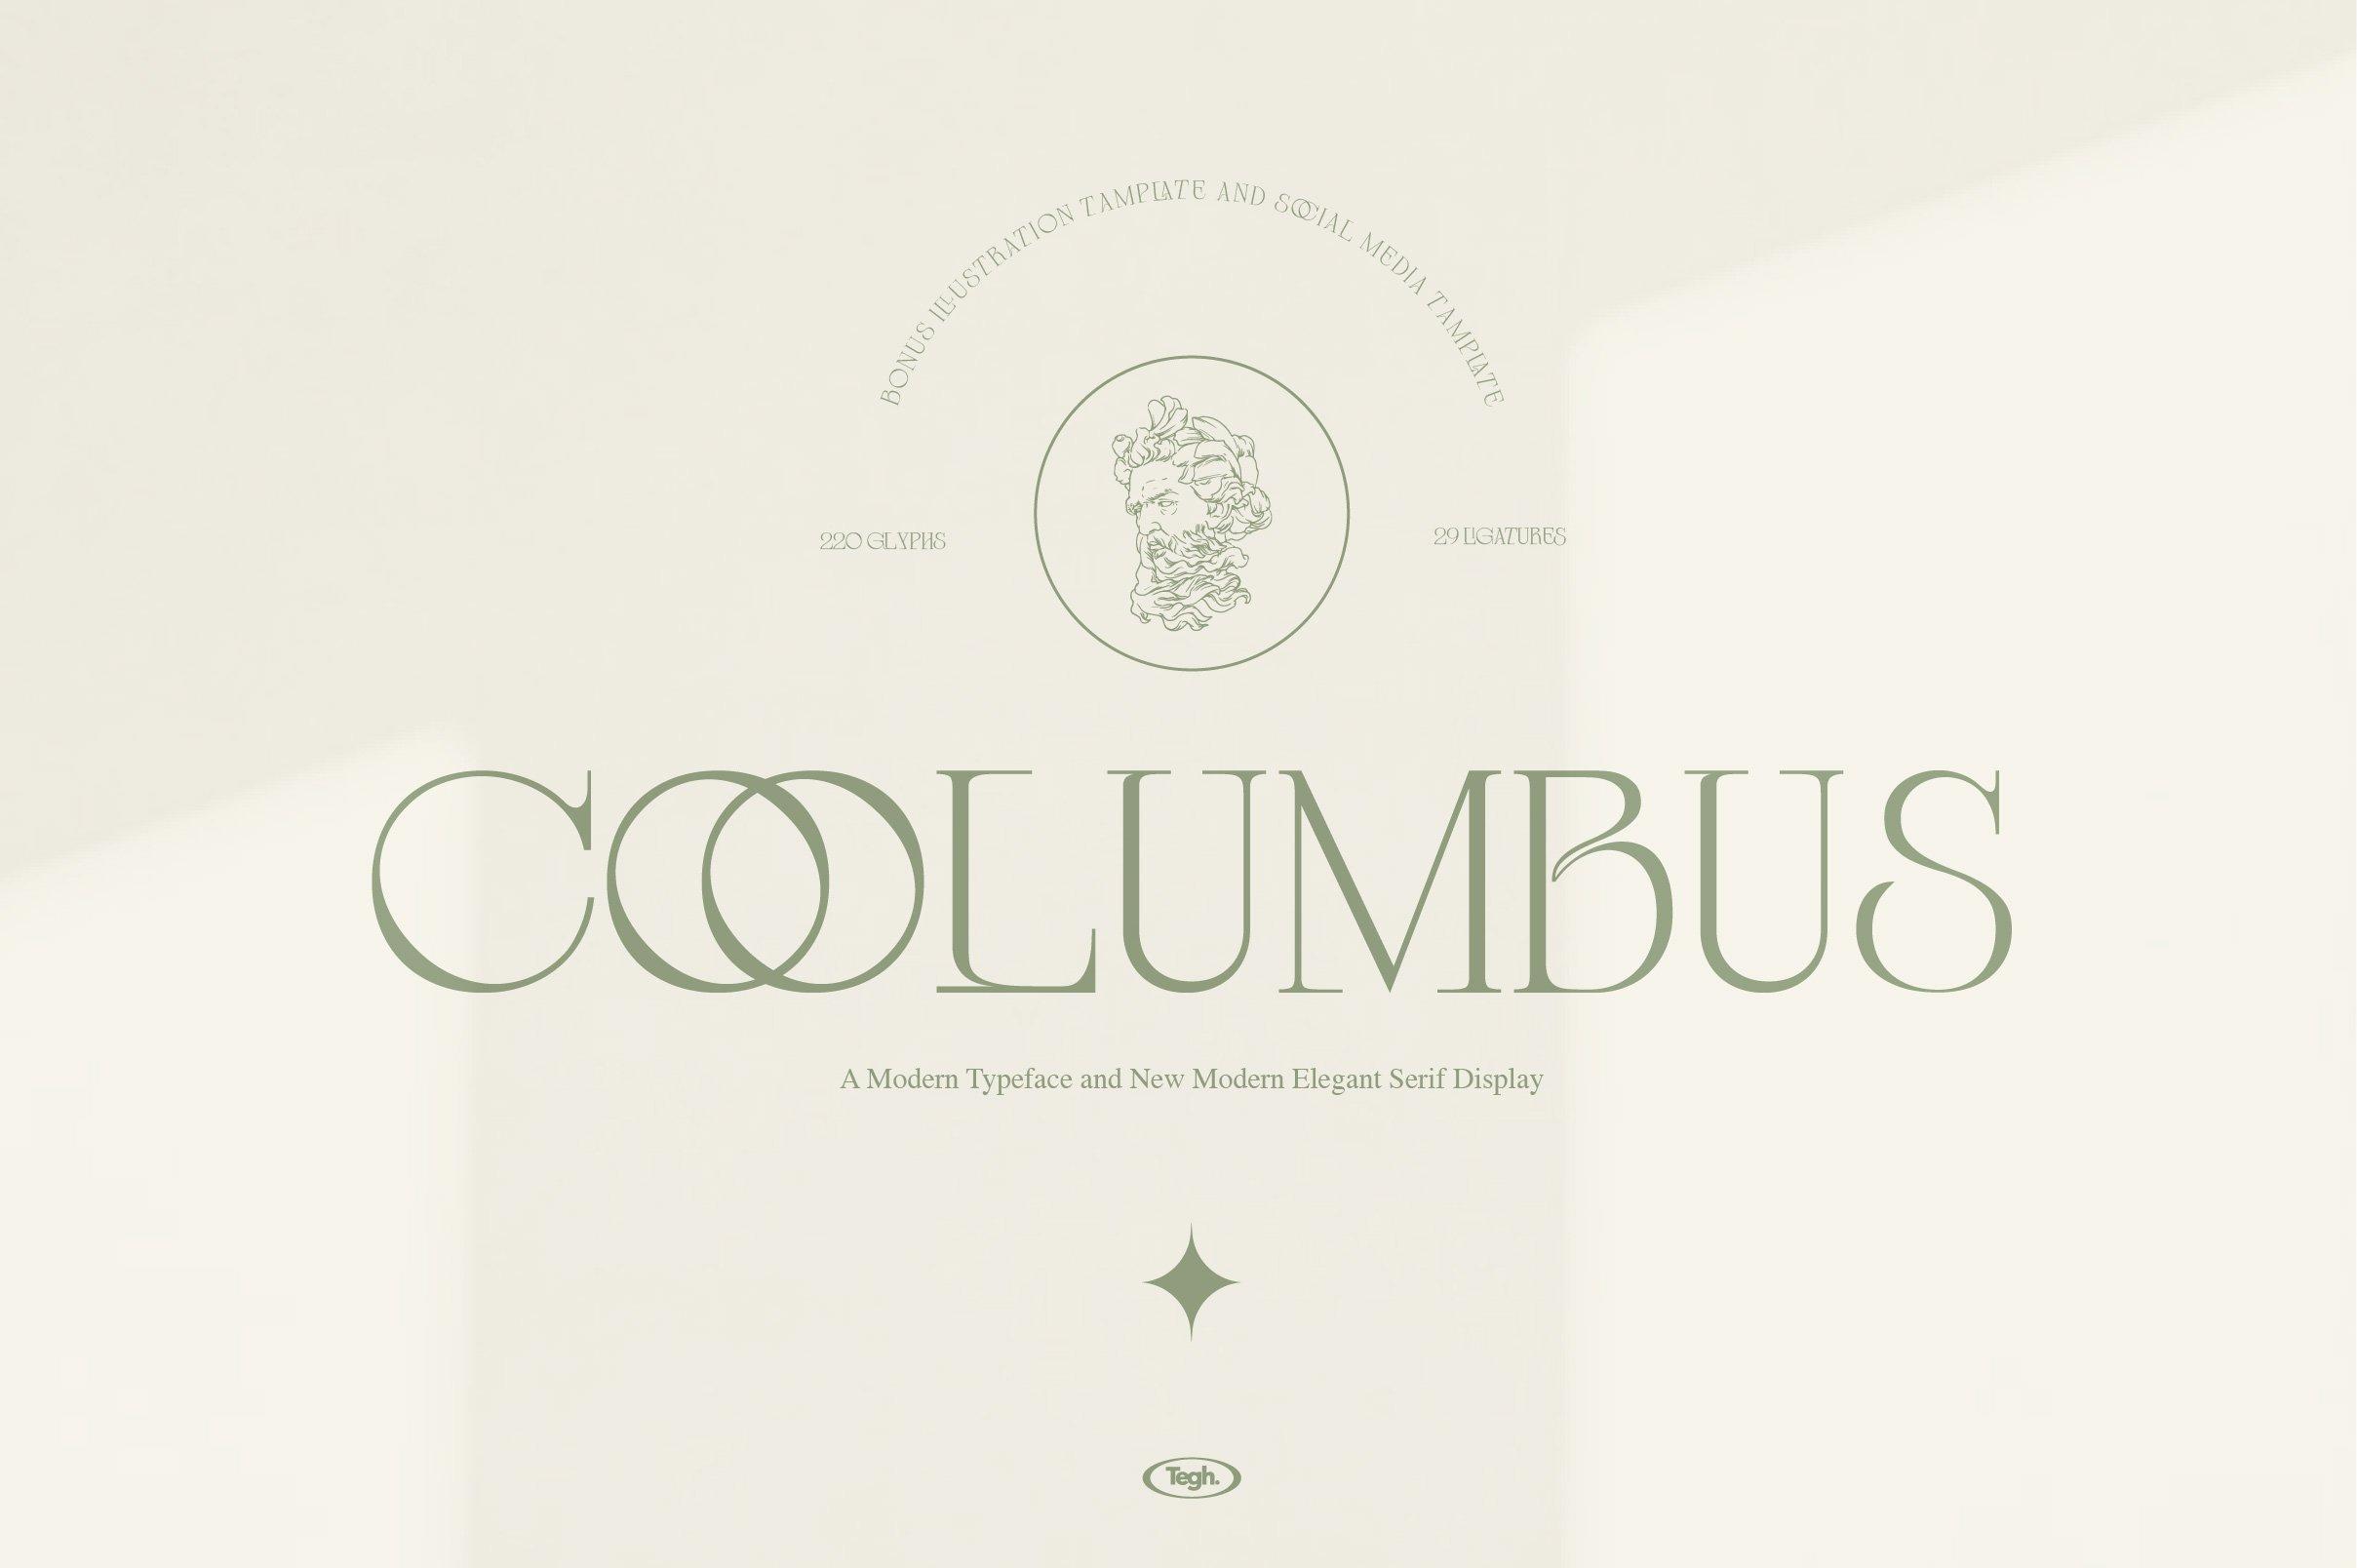 优雅复古杂志海报标题徽标Logo设计衬线英文字体素材 Coolumbus Modern Serif Font插图